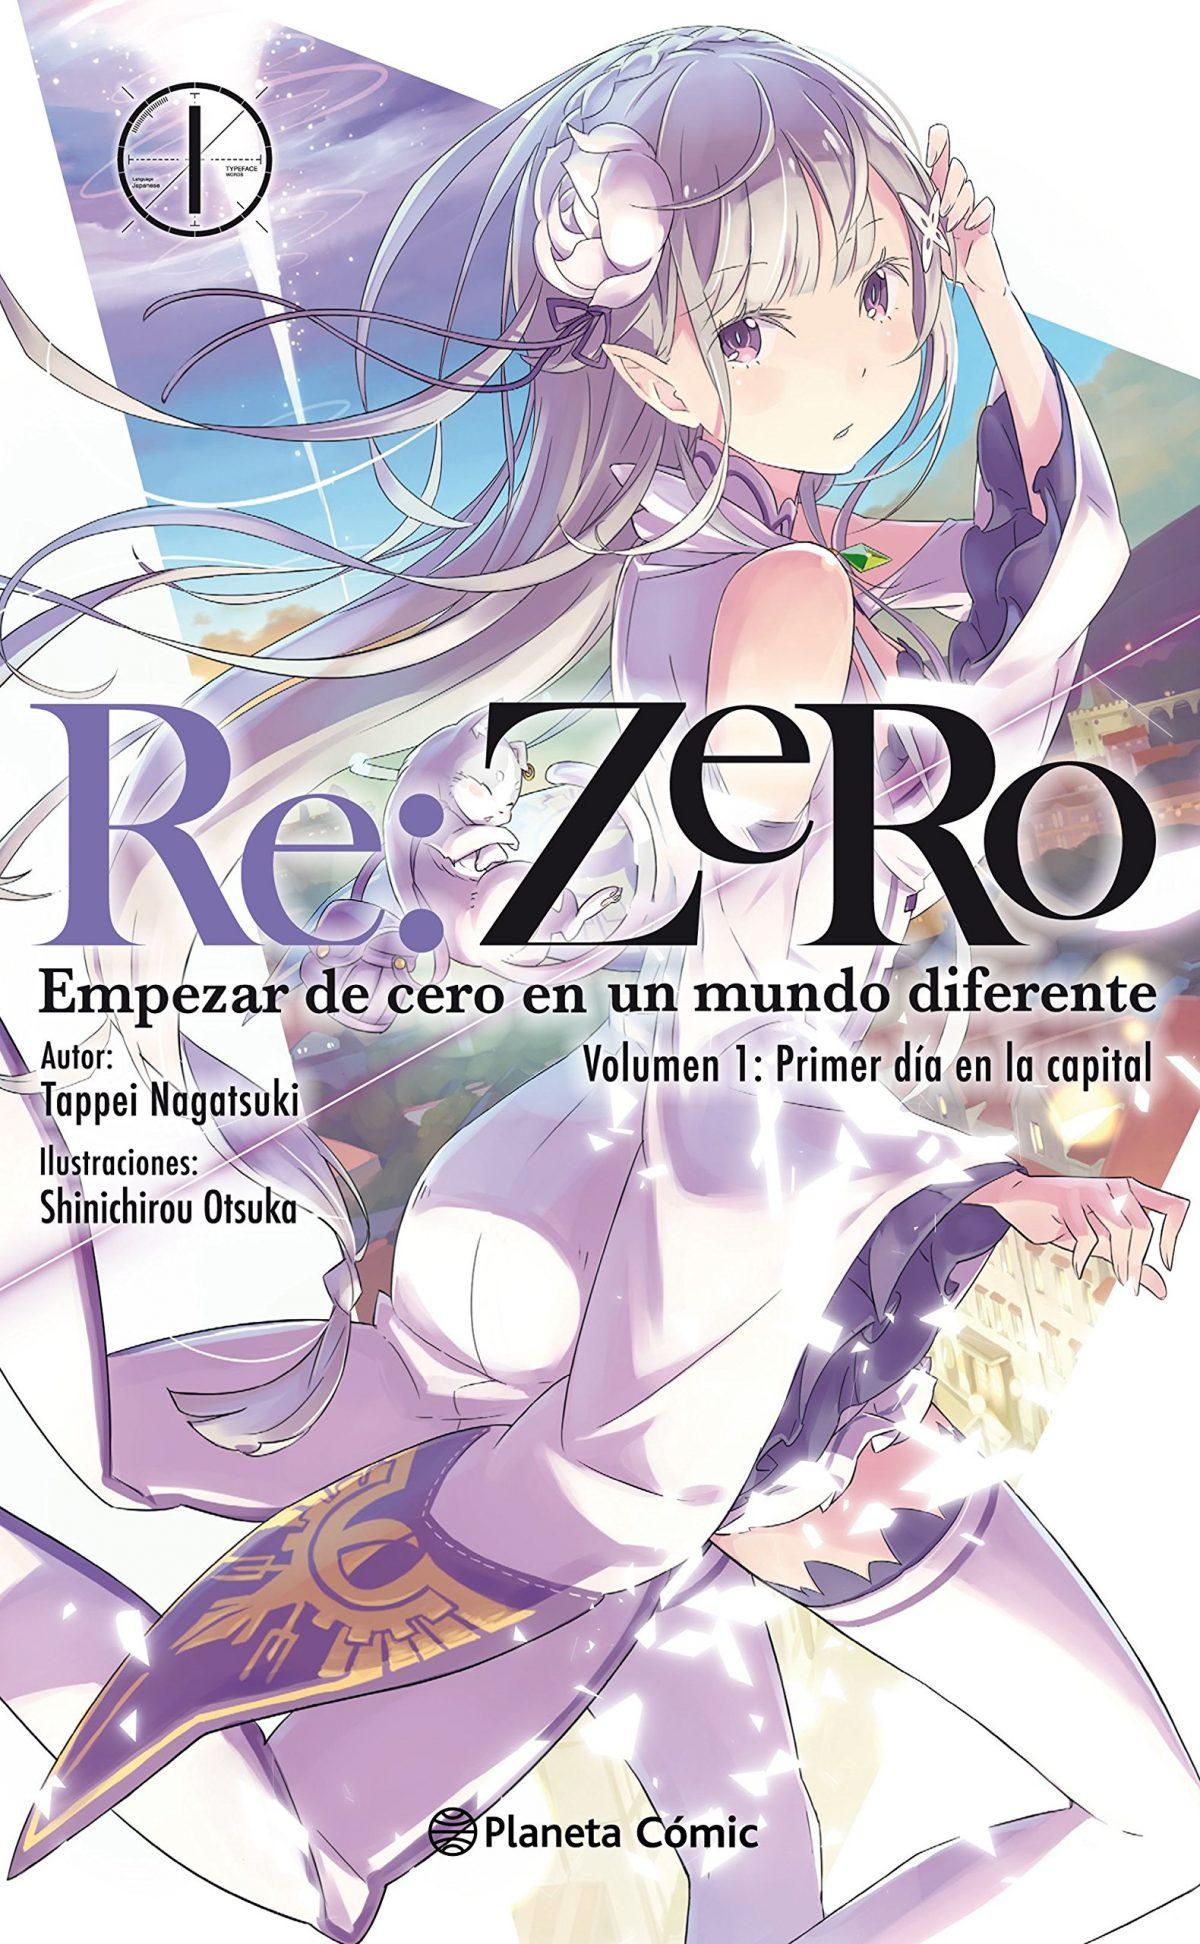 Lo que necesitas saber sobre las novelas ligeras de Re:Zero ✅ De qué tratan, y la historia de su publicación ⭐ Encuentra dónde comprar Re:Zero en español.